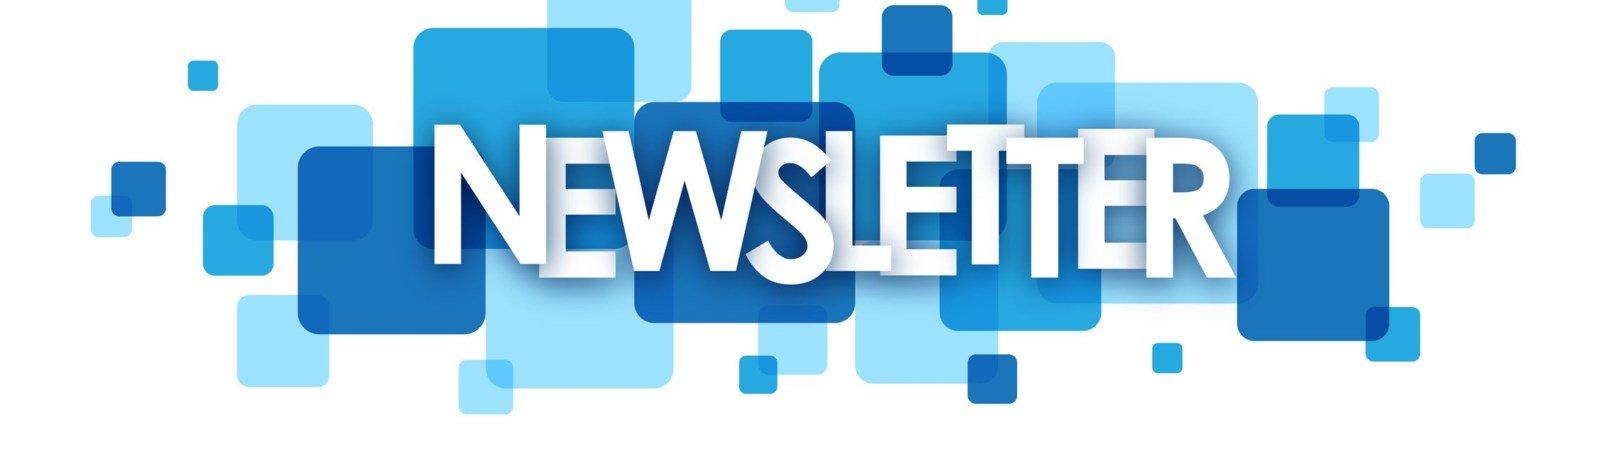 /newsletter-formular